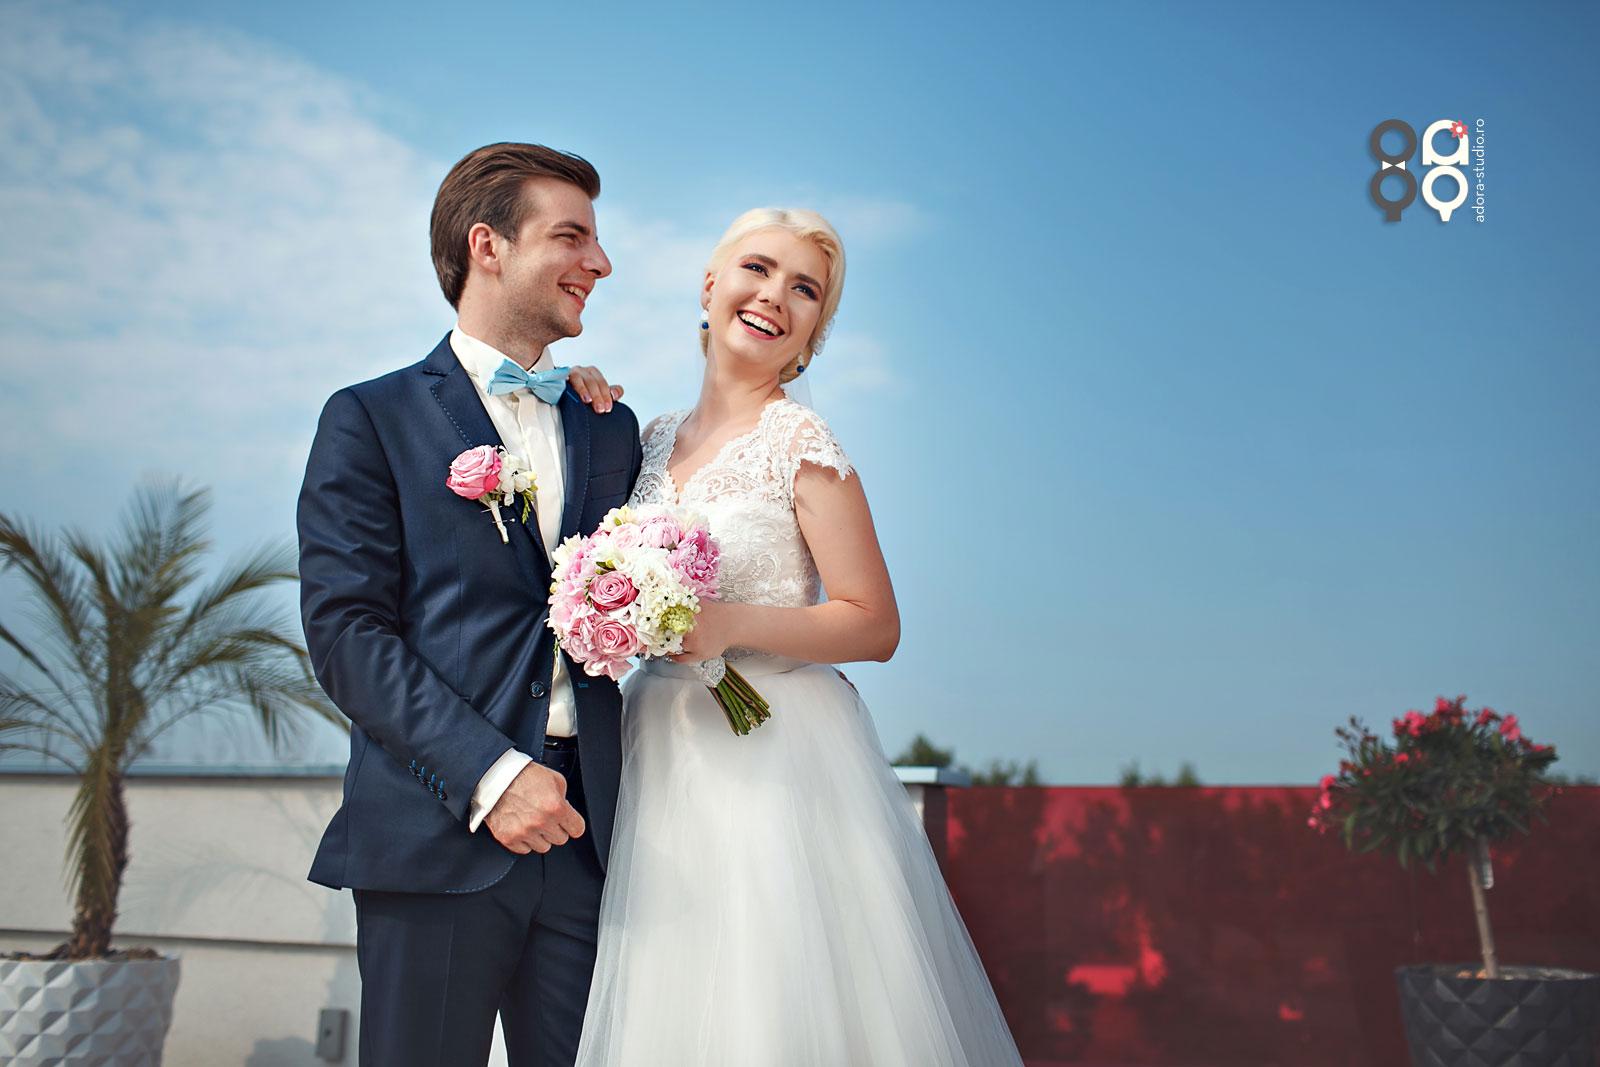 fotografii sedinta foto nunta